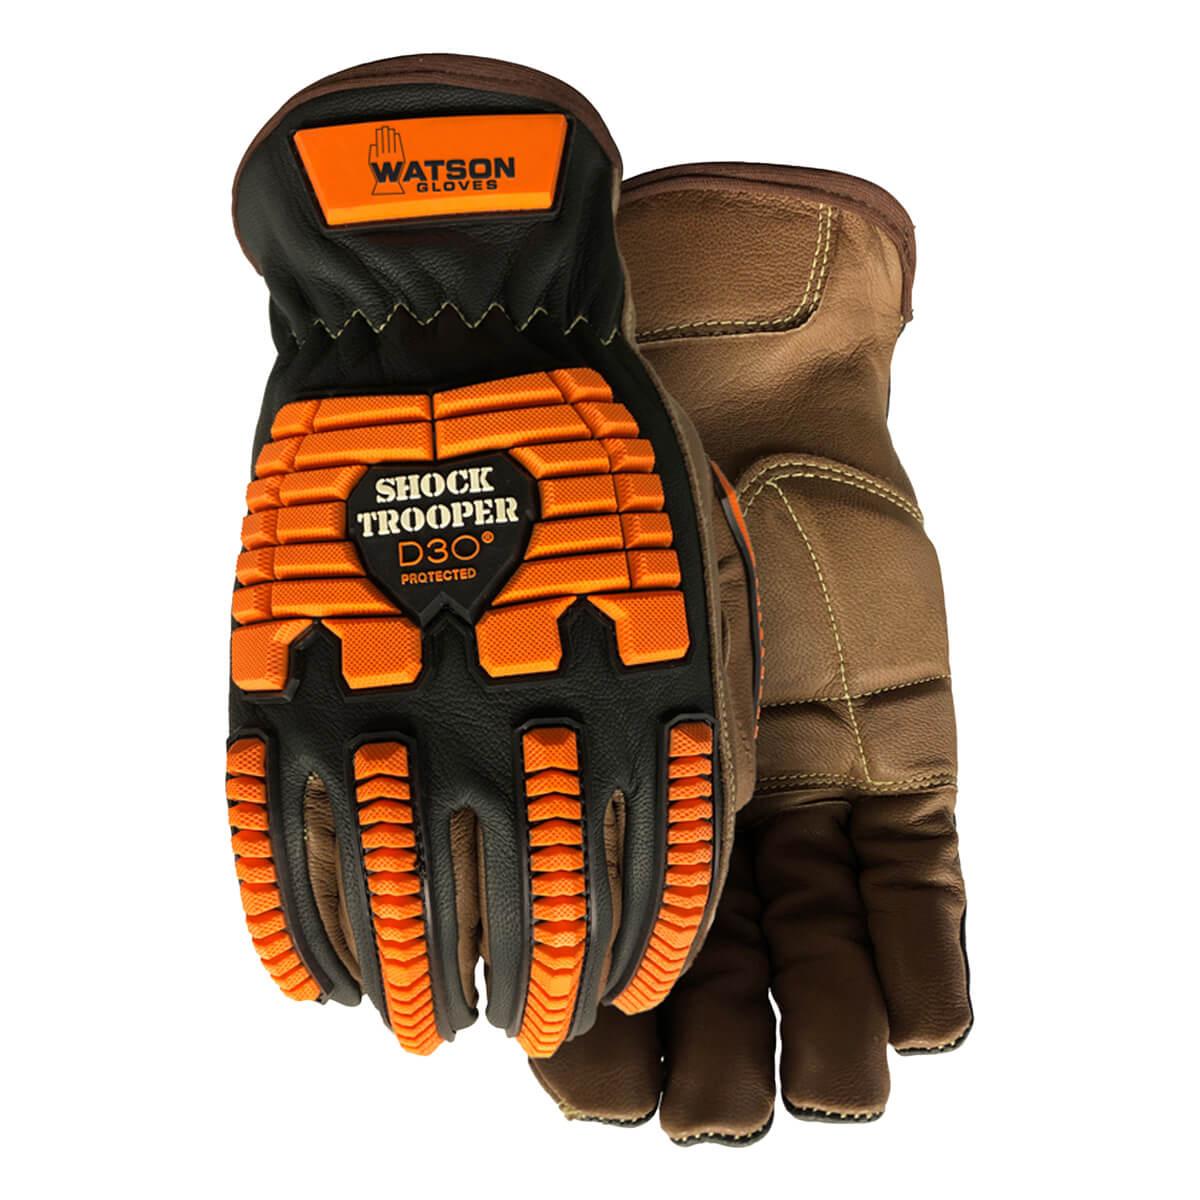 Shock Trooper Gloves - L